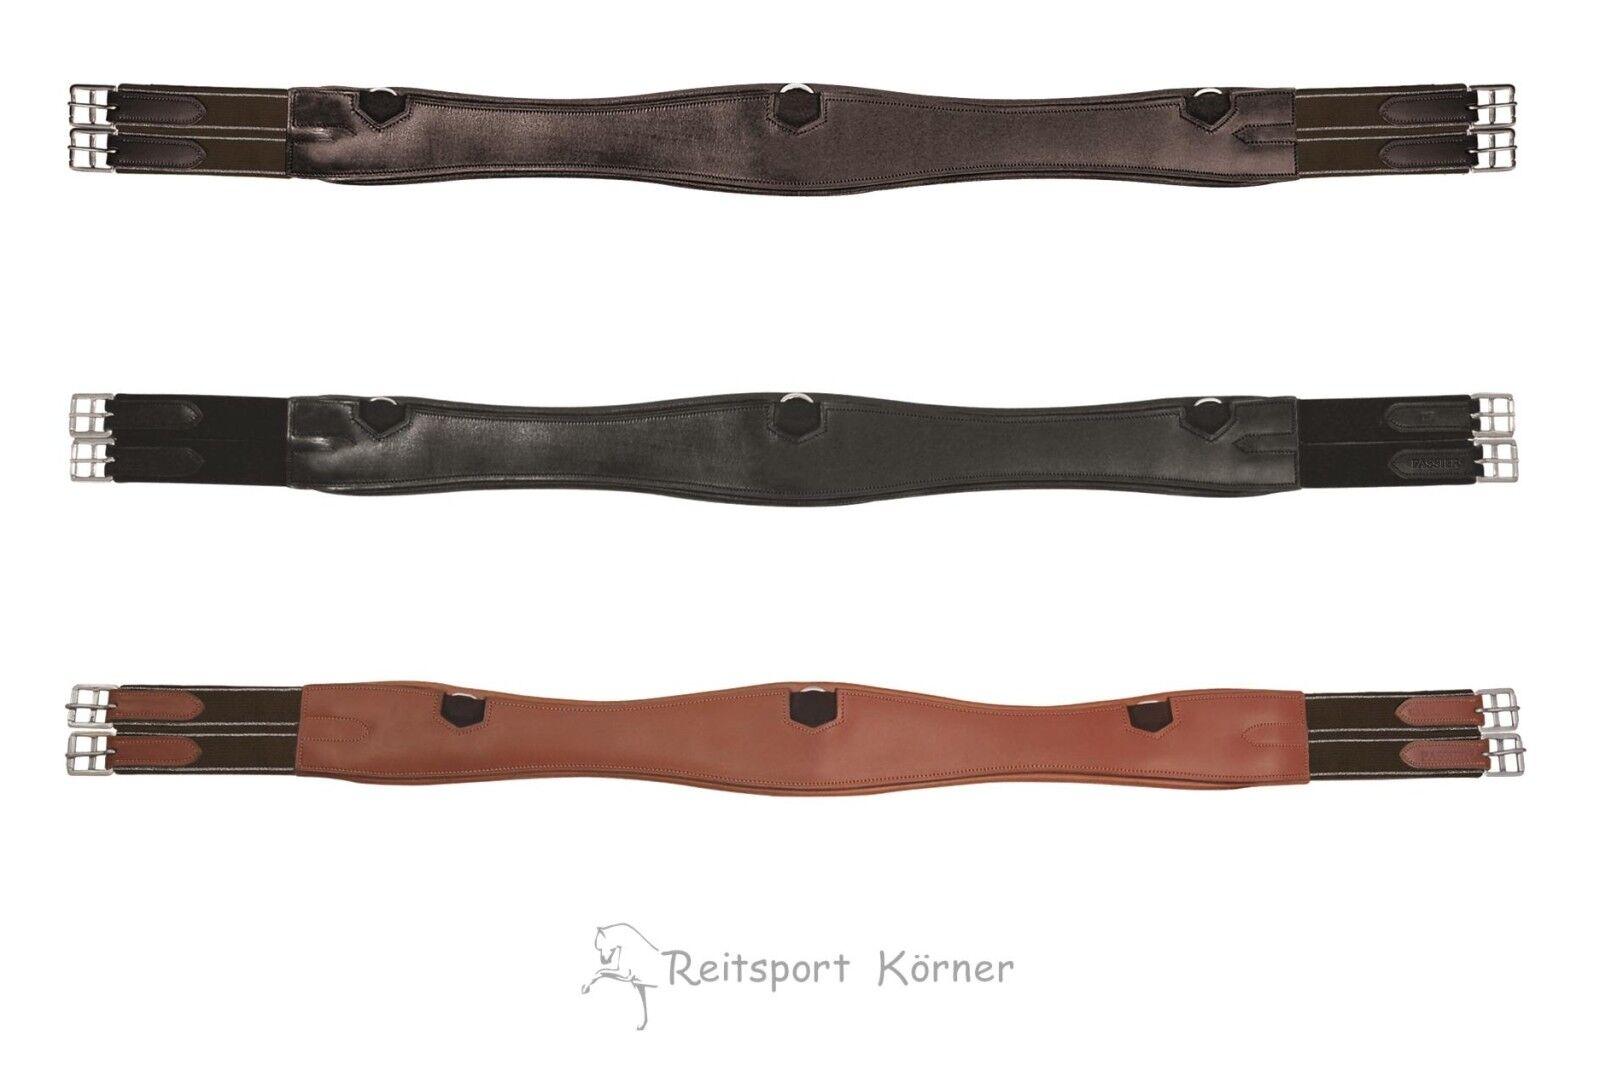 Passeier Lederwarengurt, schweißt, lange Form mit elastischen Enden